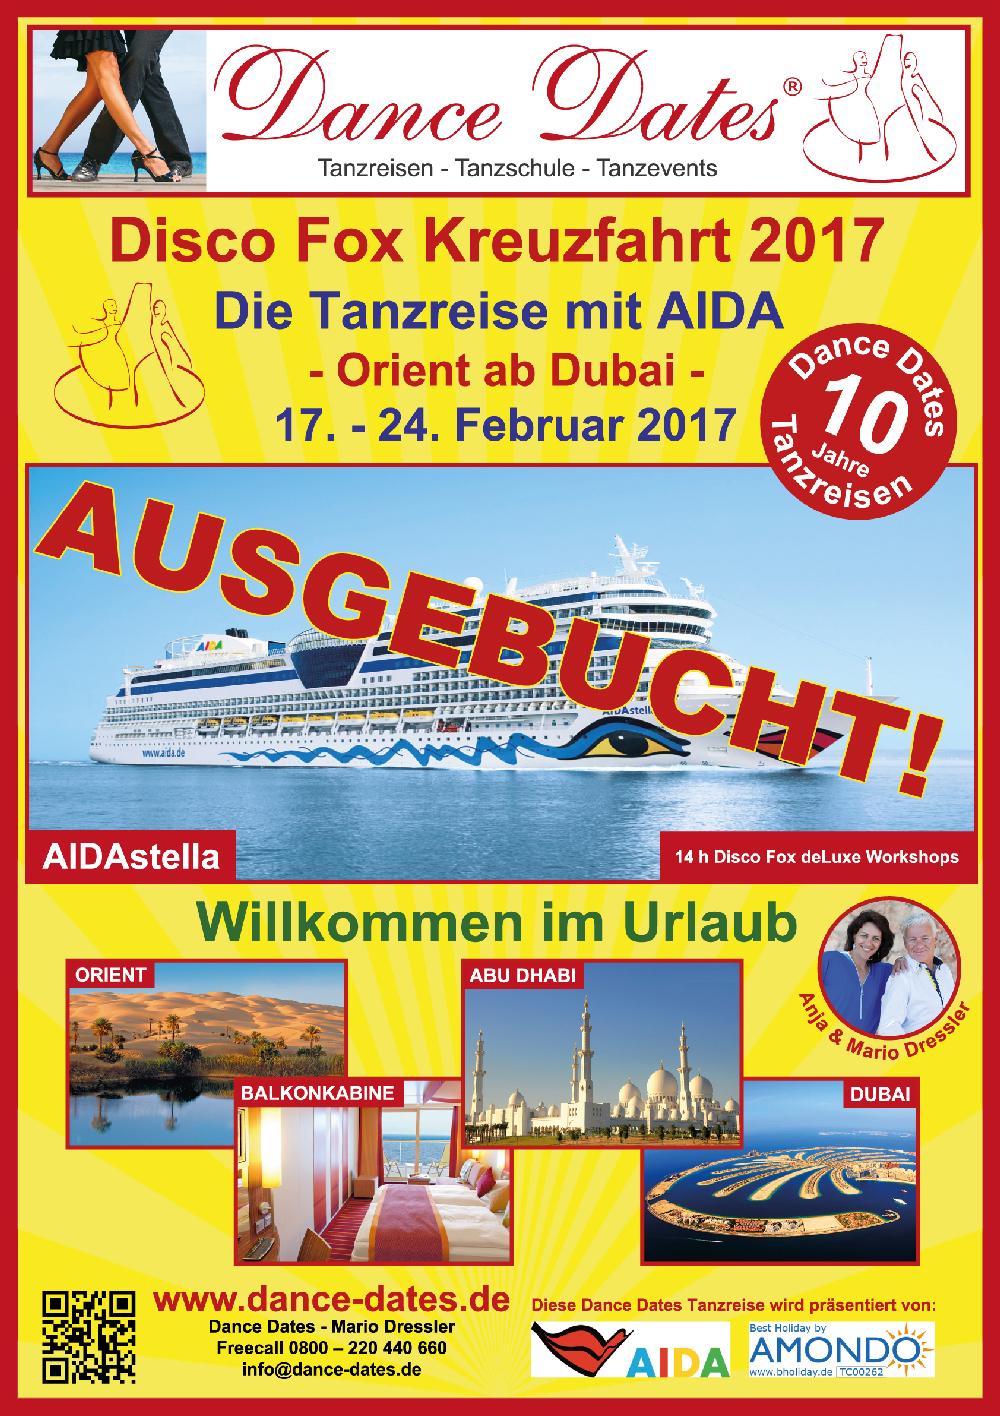 Disco Fox Tanzreise 2017 mit der Aida Stella in den Orient